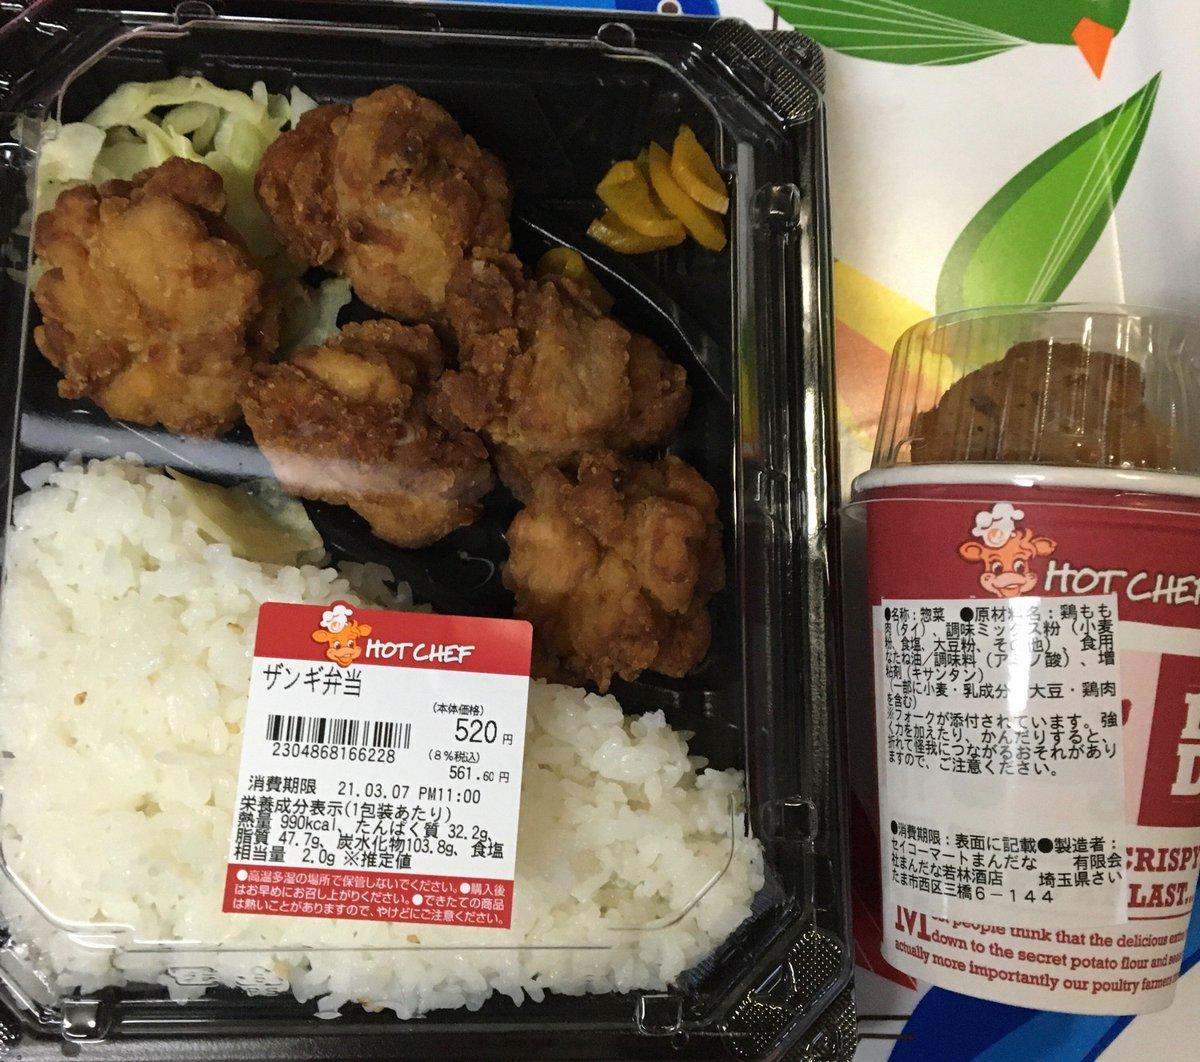 test ツイッターメディア - 晩メシはさいたま市西区三橋のセイコーマートにてザンギ弁当とフライドチキン!今日はなぜか無性に鶏のから揚げが食べたかったのだ(笑) #皆五郎のメシ https://t.co/X1f2WC6Qgn